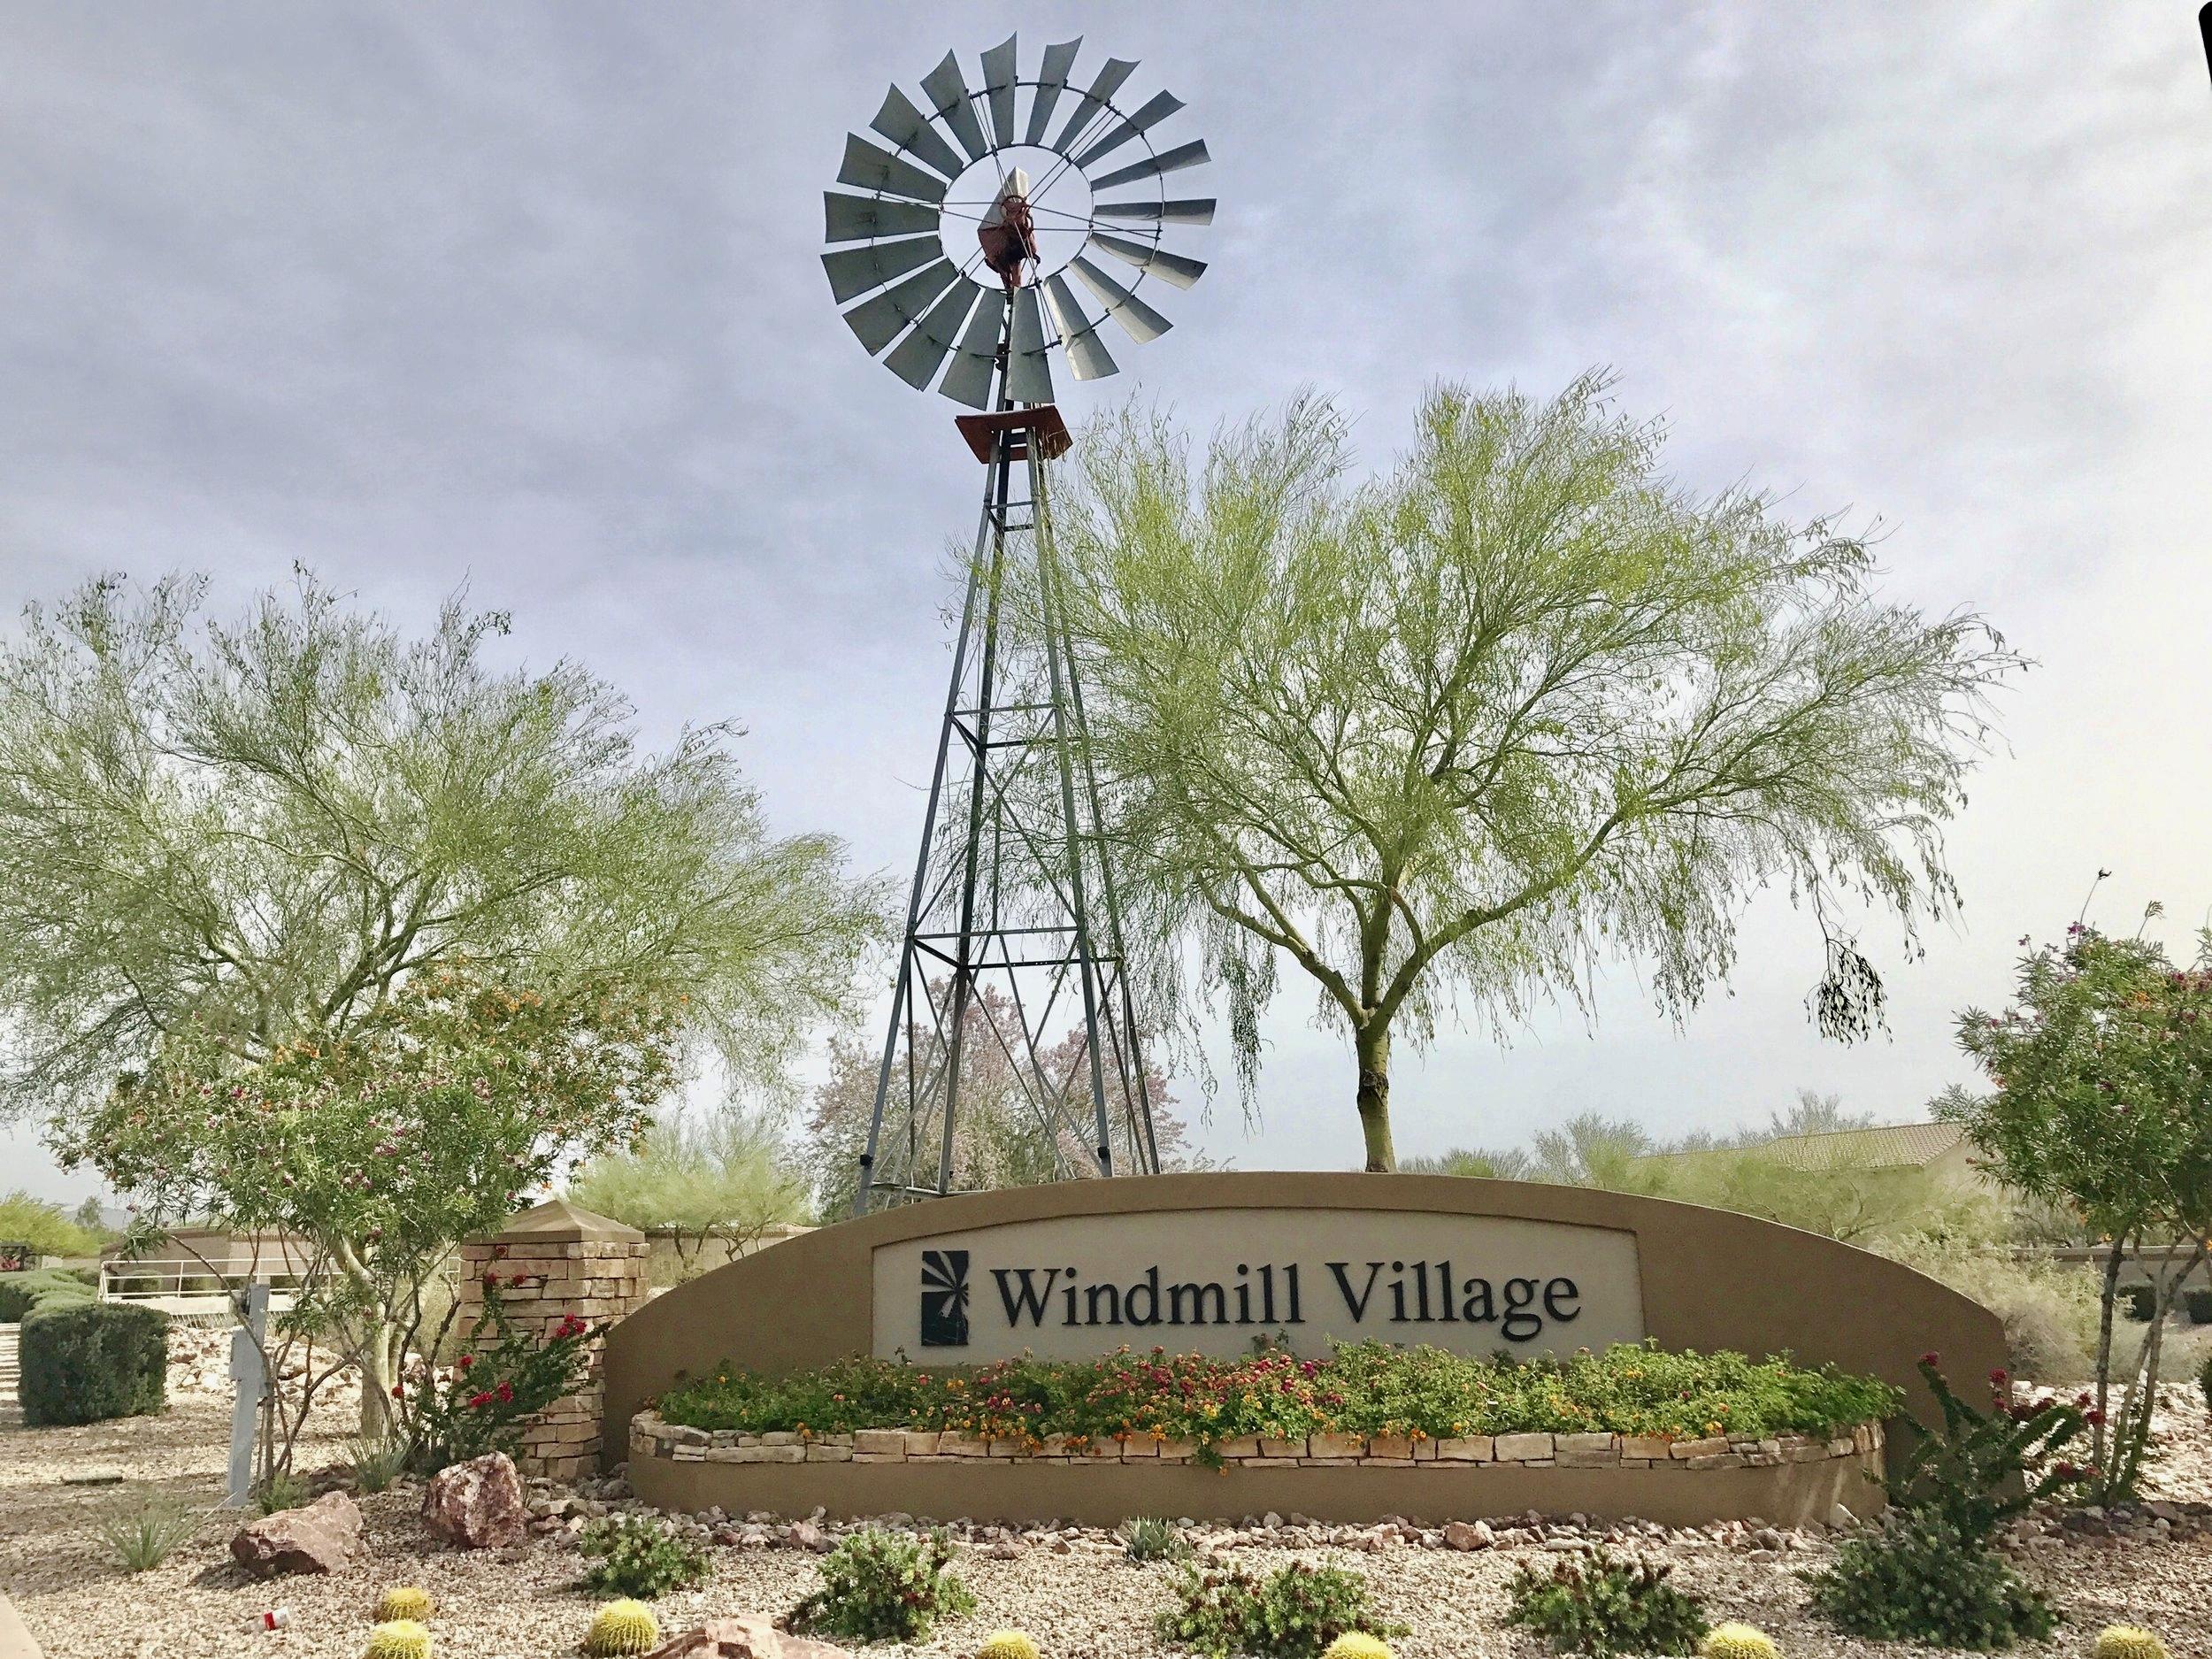 WindmillVillageImg.jpg